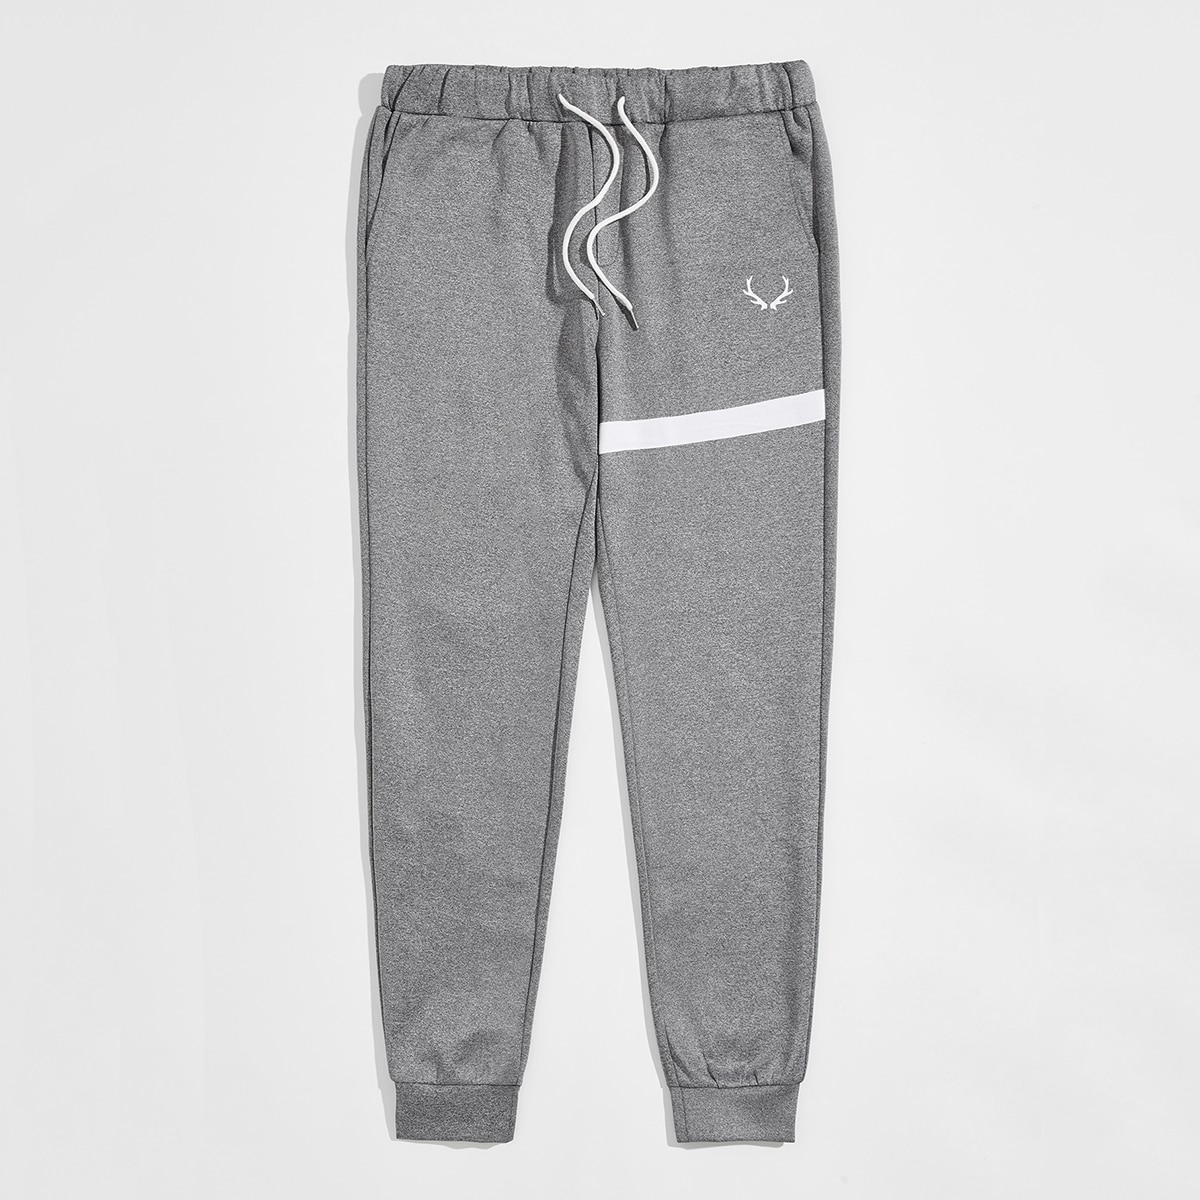 Карман контрастный институтский мужские брюки